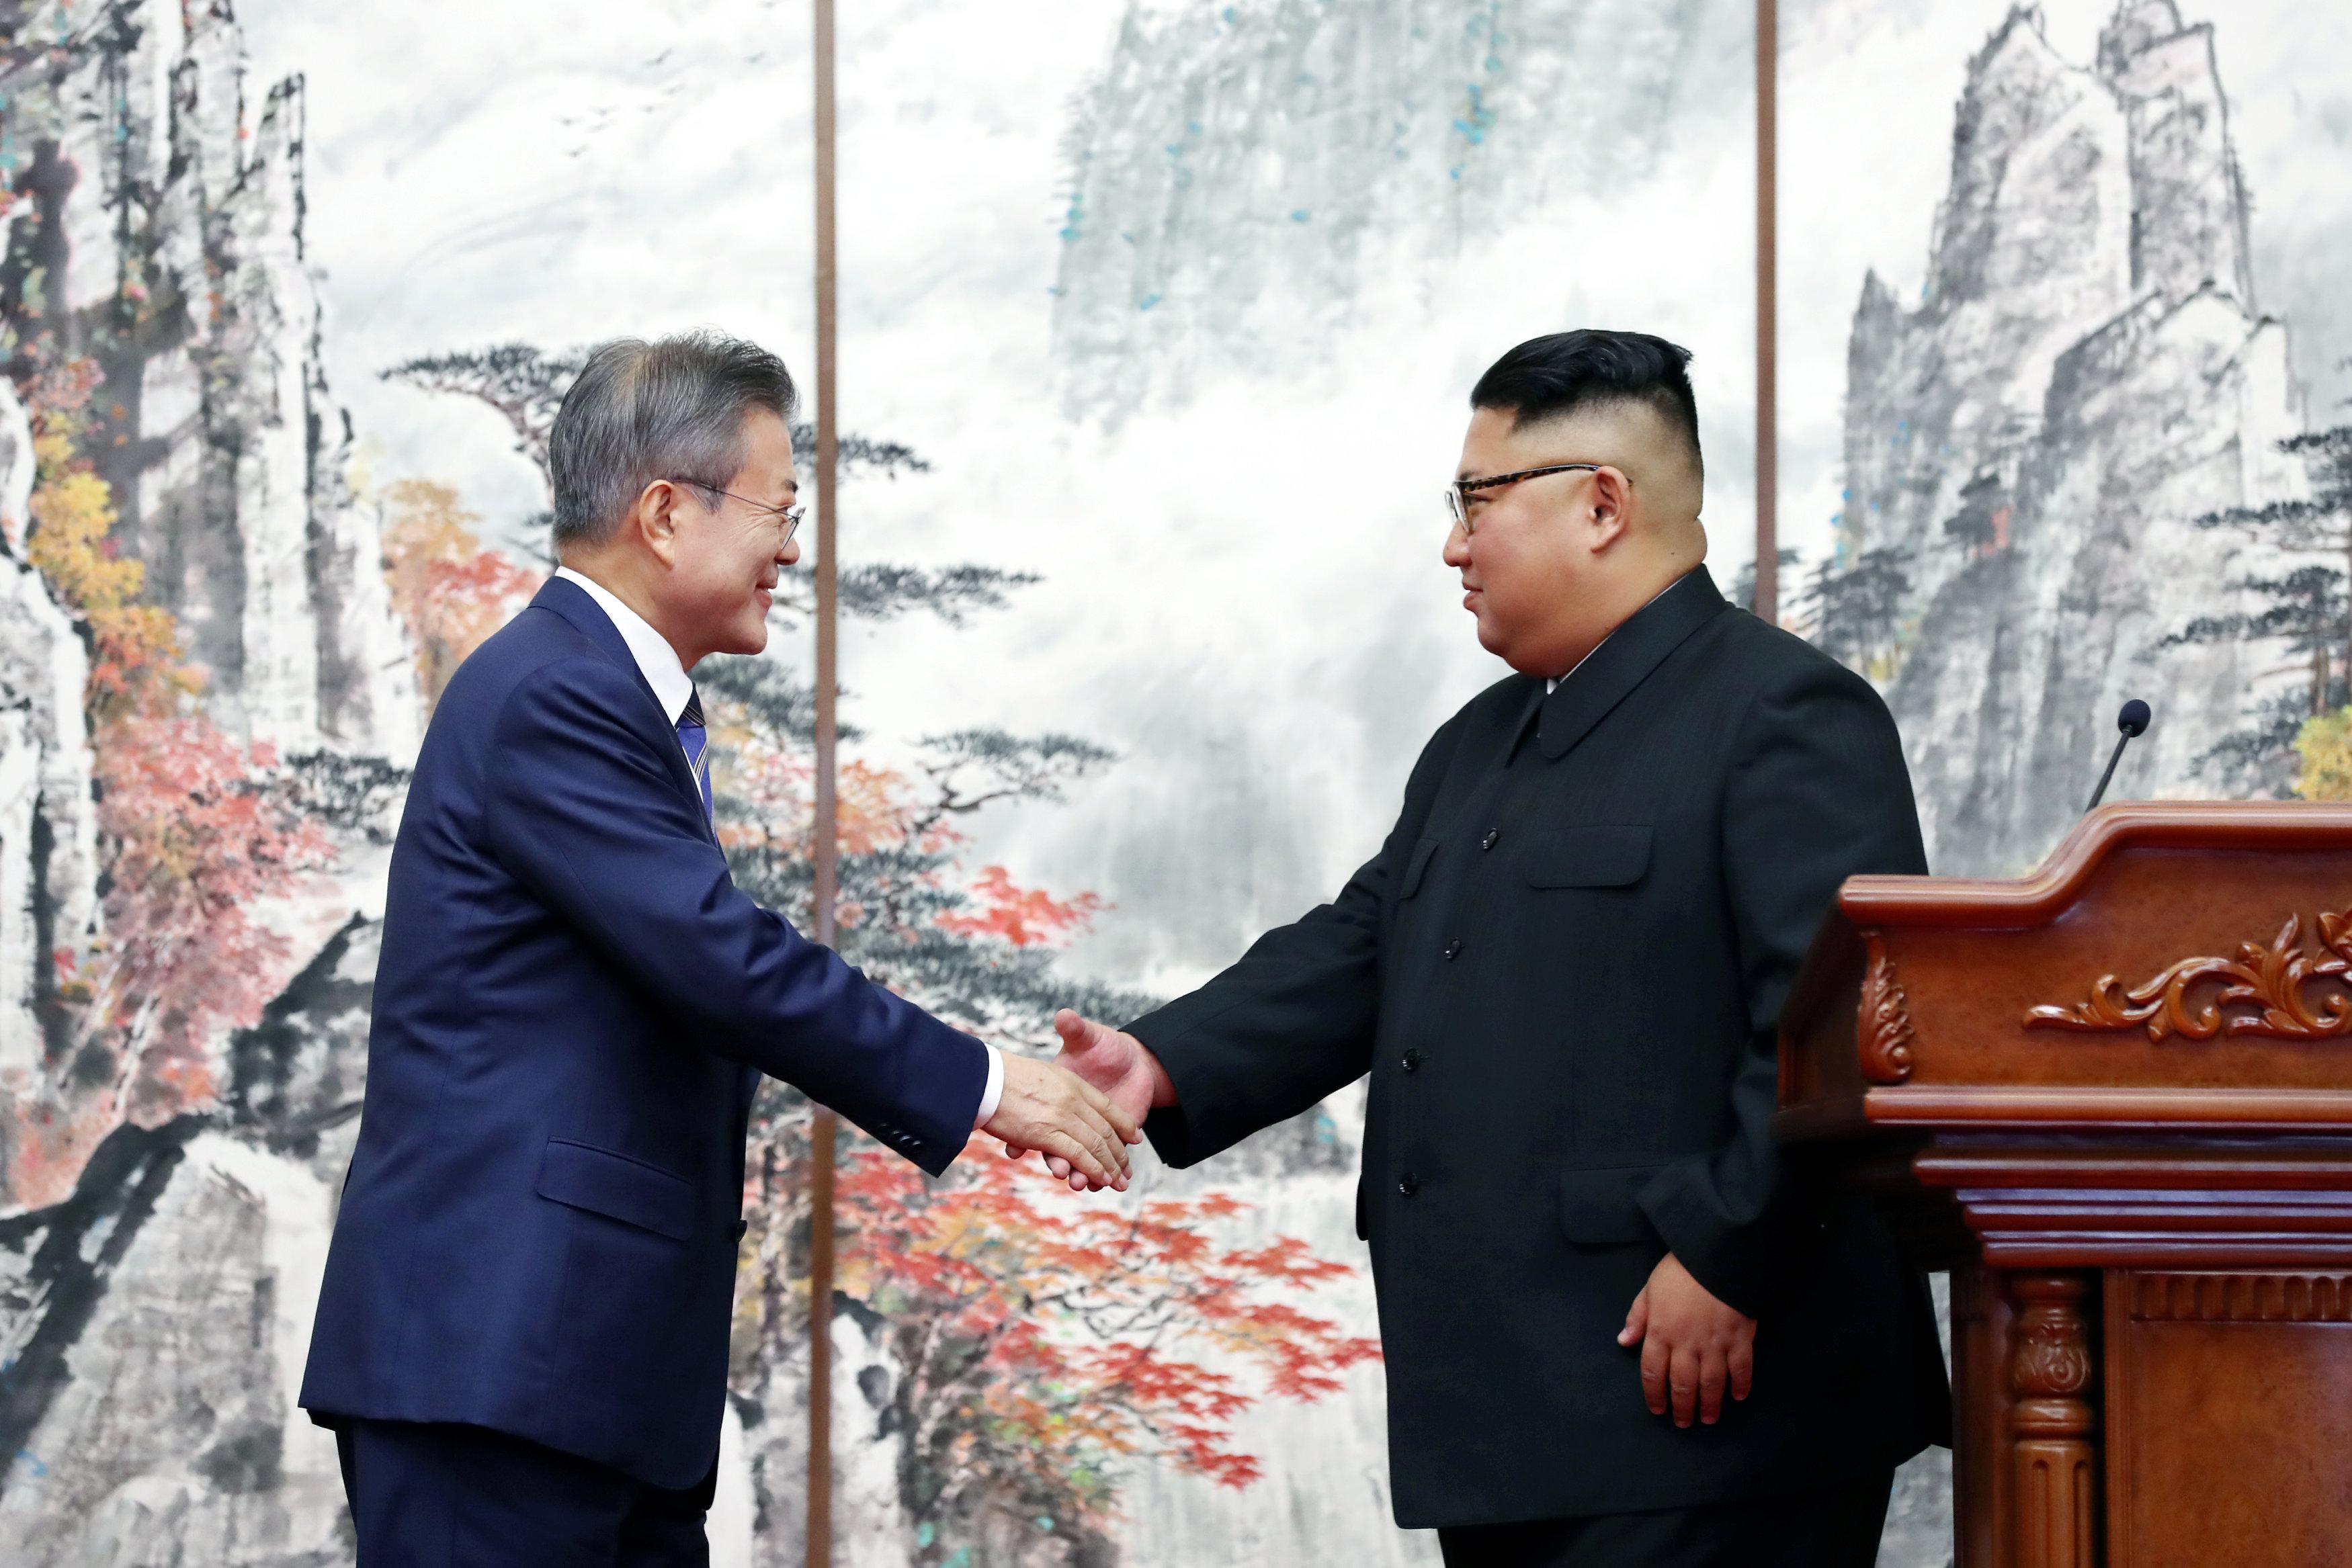 مصافحة بين زعيما الكوريتين على هامش المؤتمر الصحفى